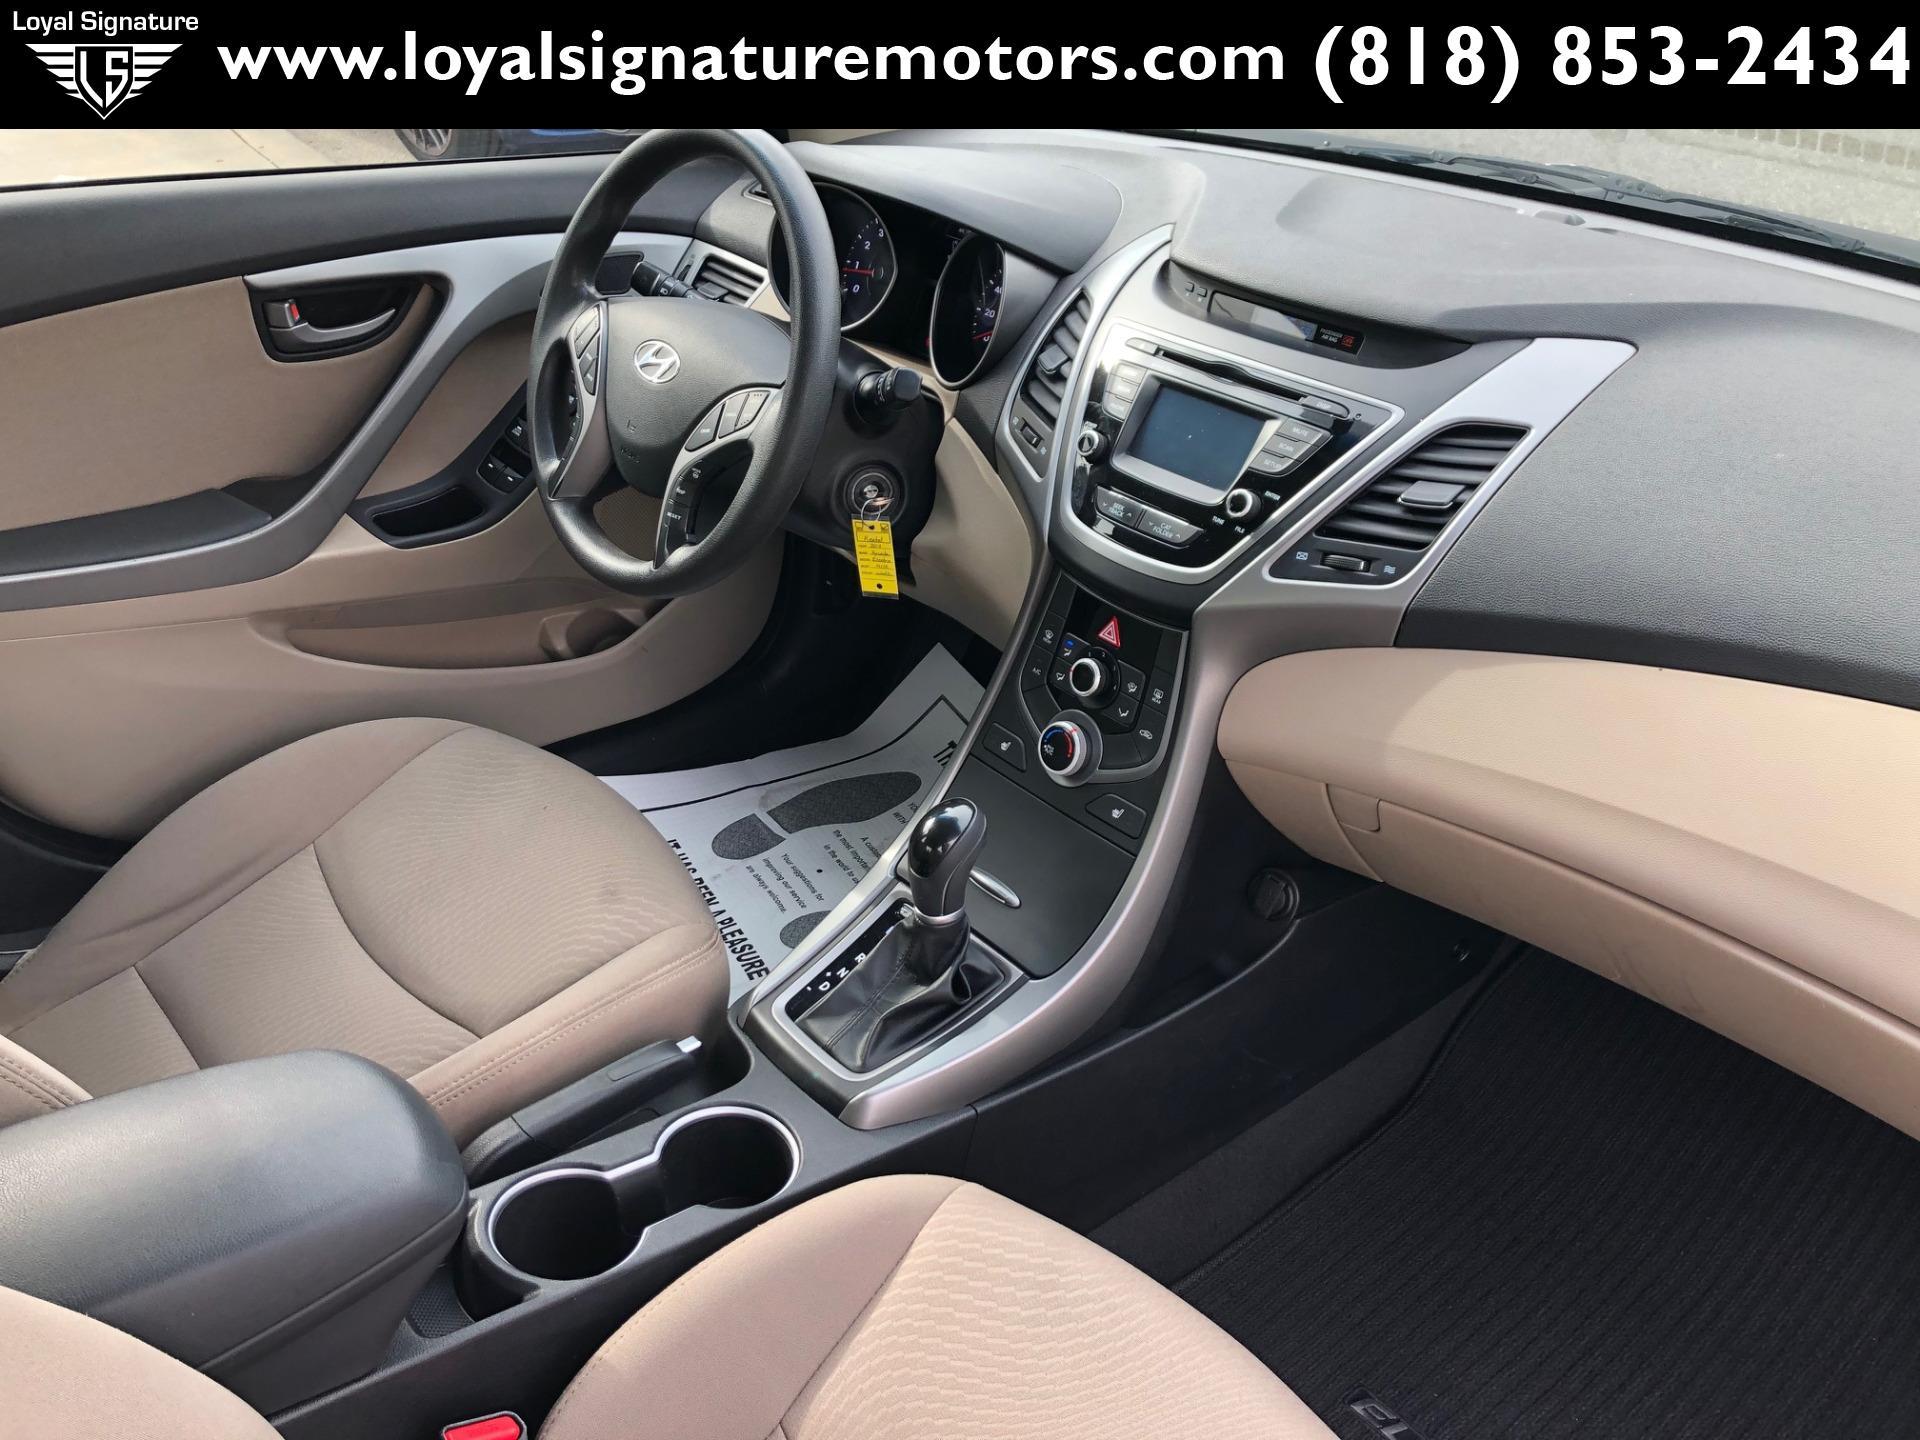 Used-2014-Hyundai-Elantra-SE